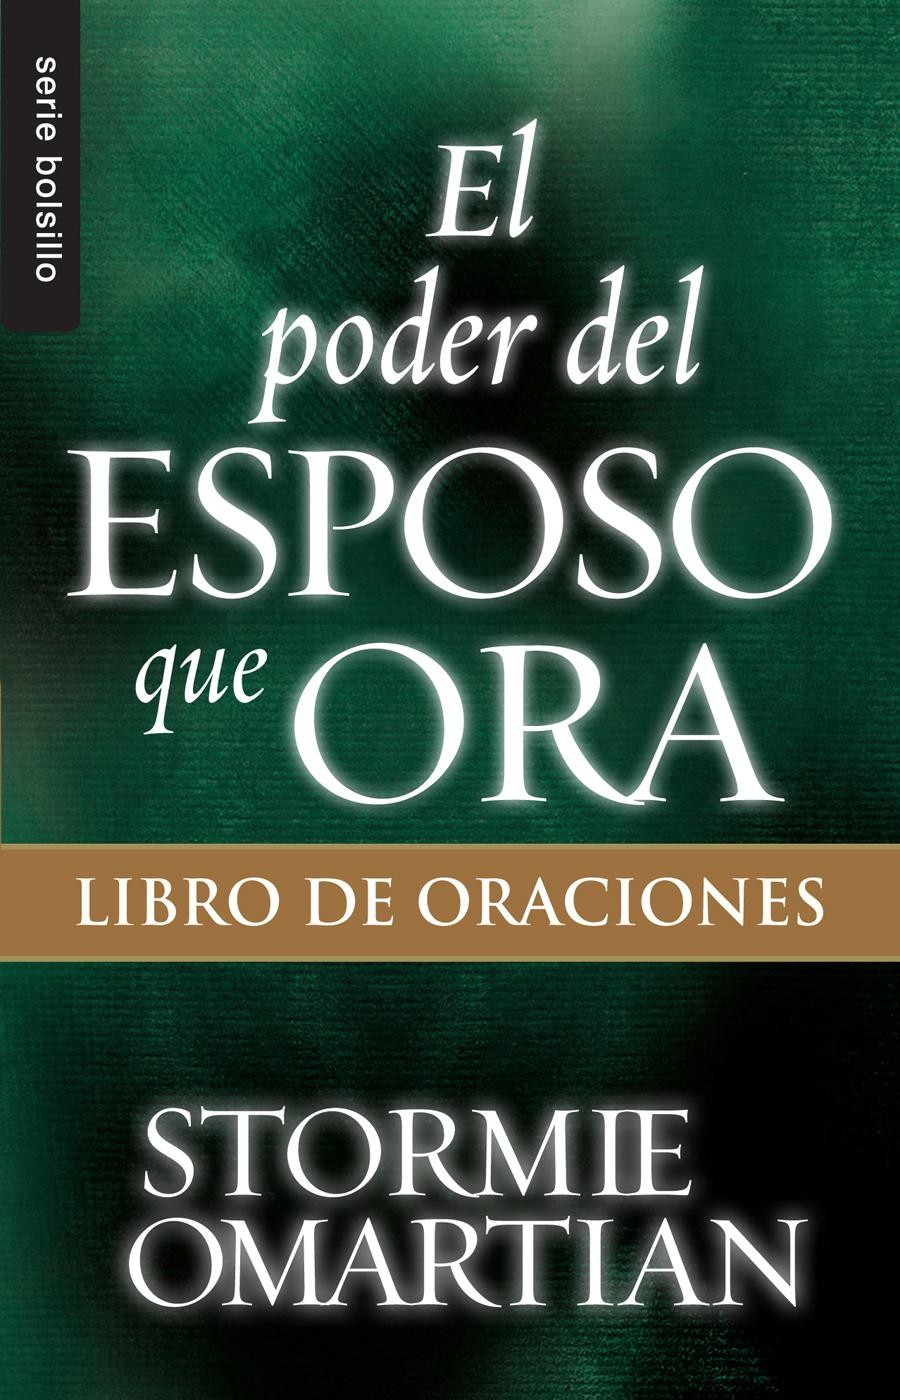 Poder del esposo que ora, El: Libro de oraciones / Bolsillo - 9780789920980 - Omartian, Stormie